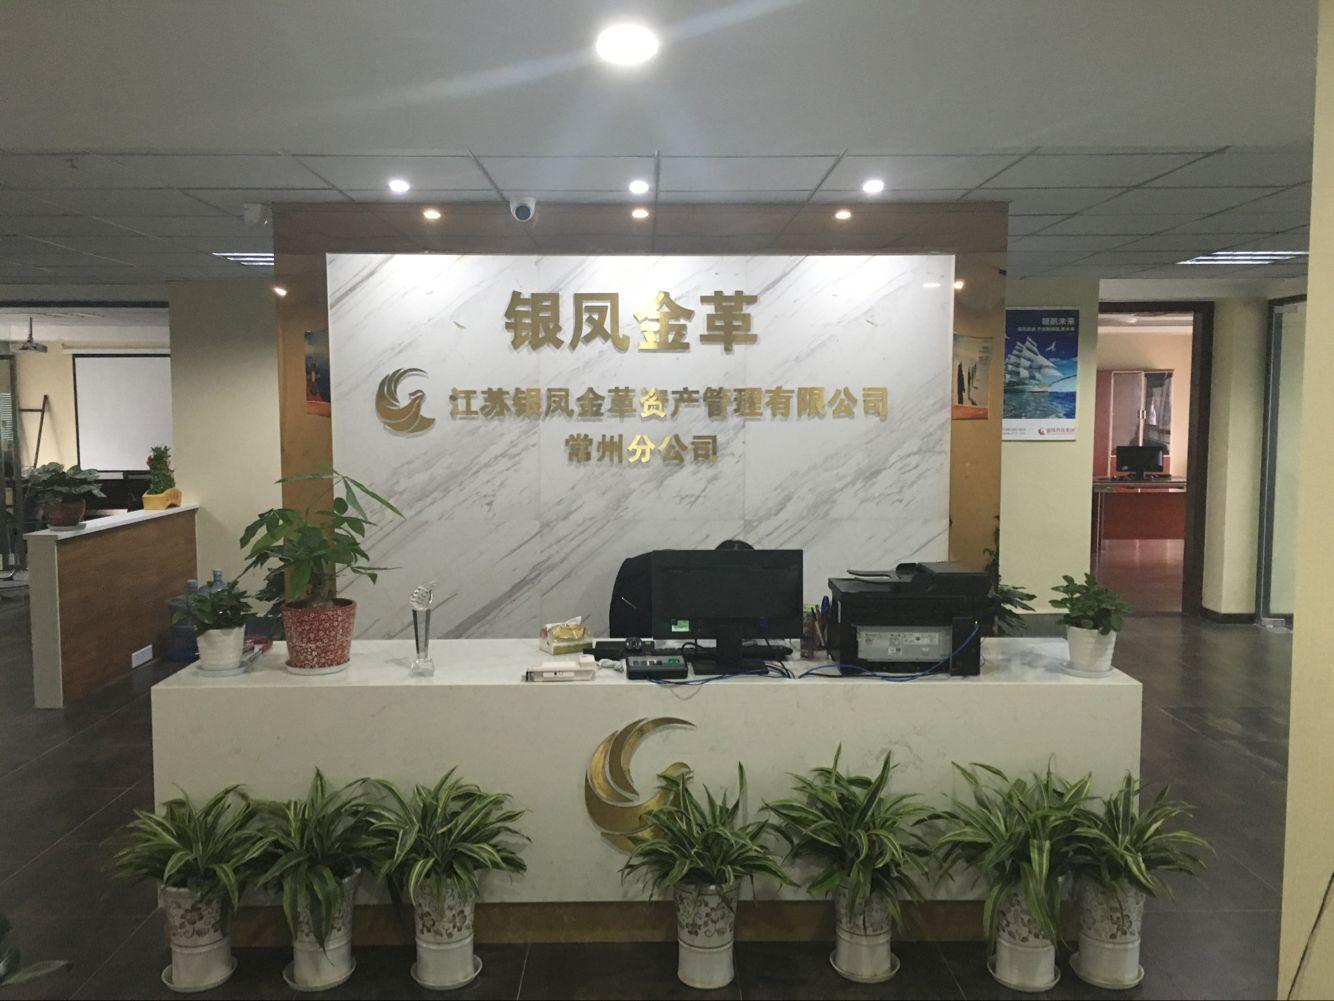 江蘇銀鳳金革資產管理有限公司常州分公司